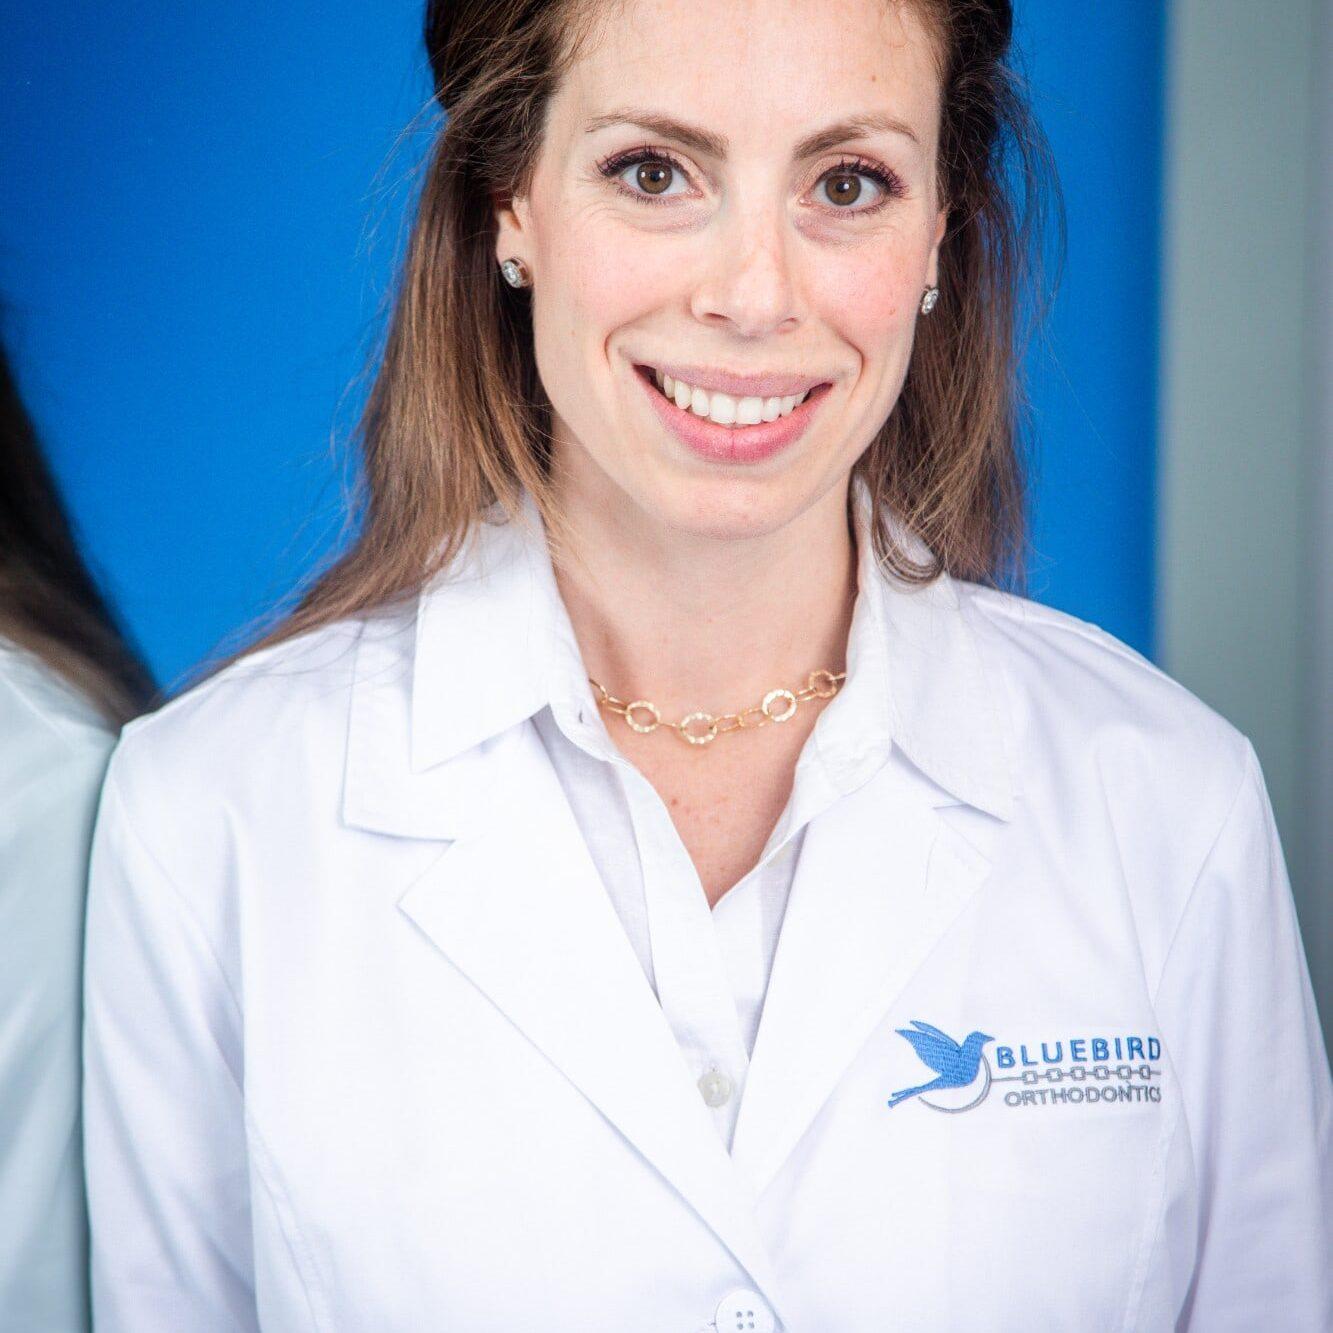 Dr. Dorie Frank